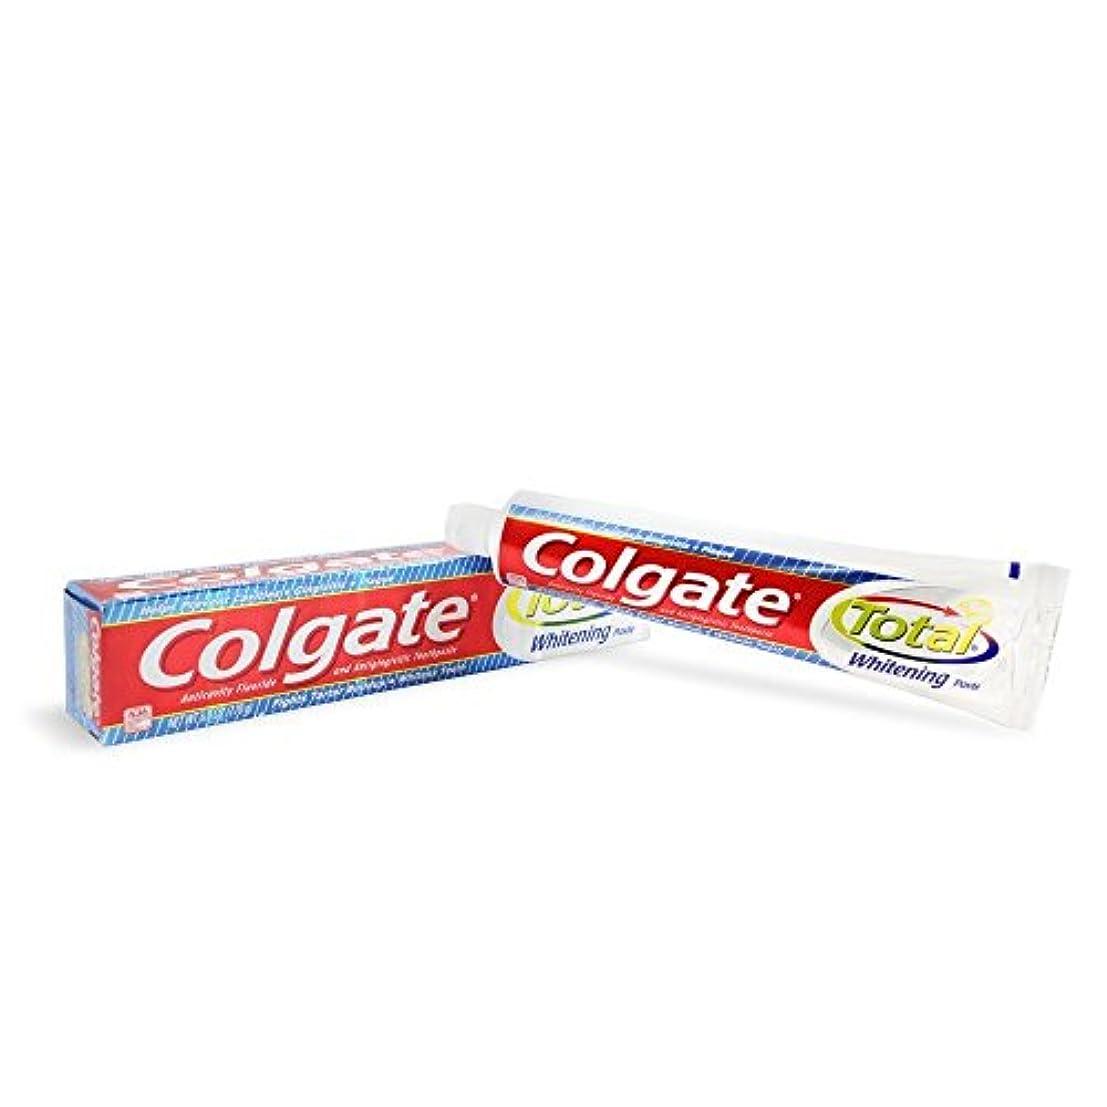 Colgate トータルホワイトニング歯磨き6オズ(12パック)